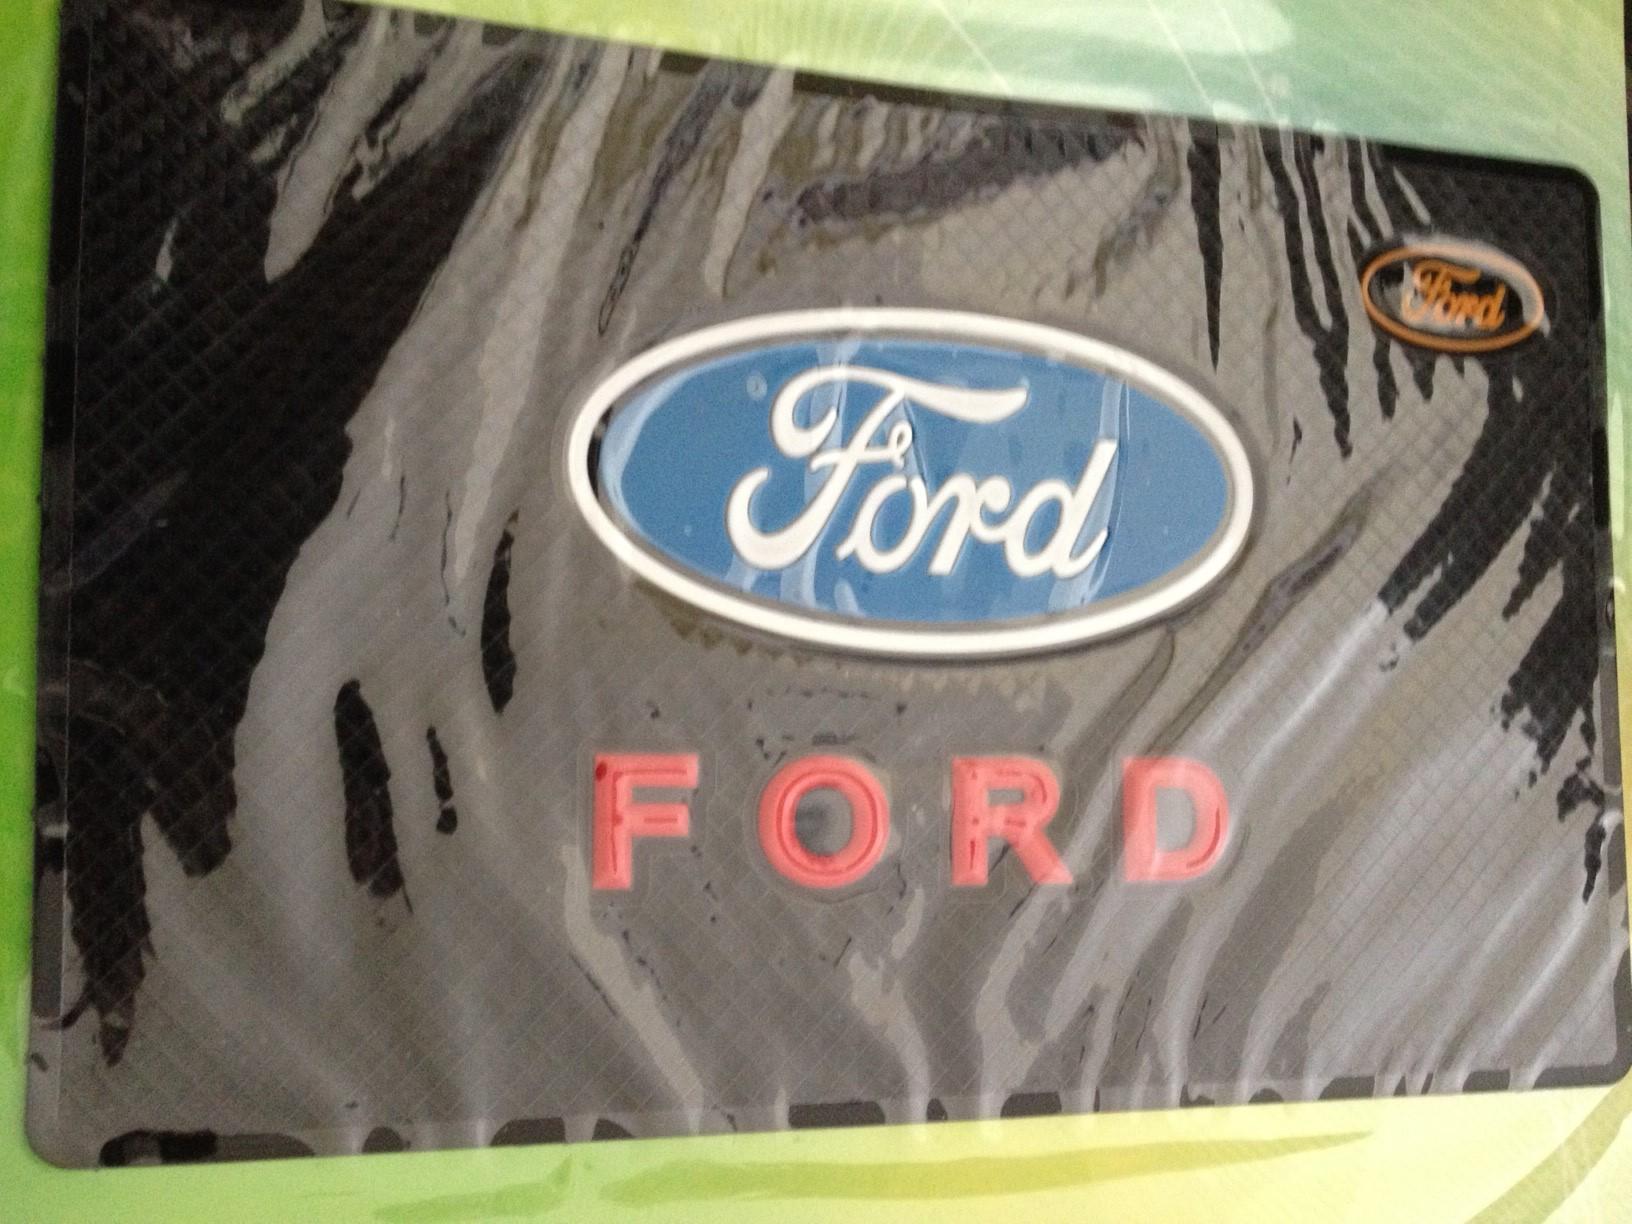 พรมกันลื่น ตรา Ford ขนาด 11.5x18,5 cm